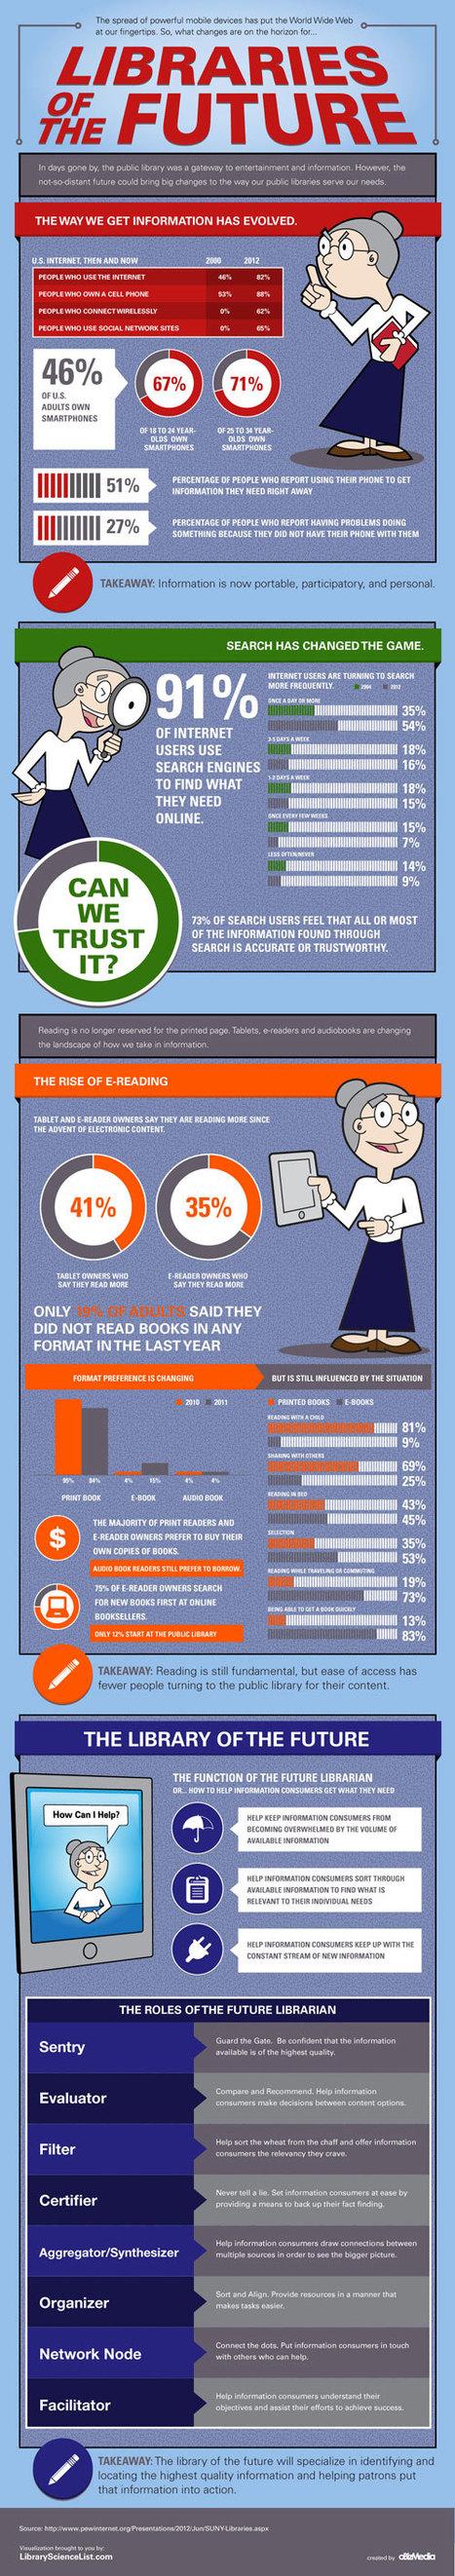 bibliotecarios 2.0: Infografía sobre las bibliotecas del futuro | redes sociales en Bibliotecologia | Scoop.it